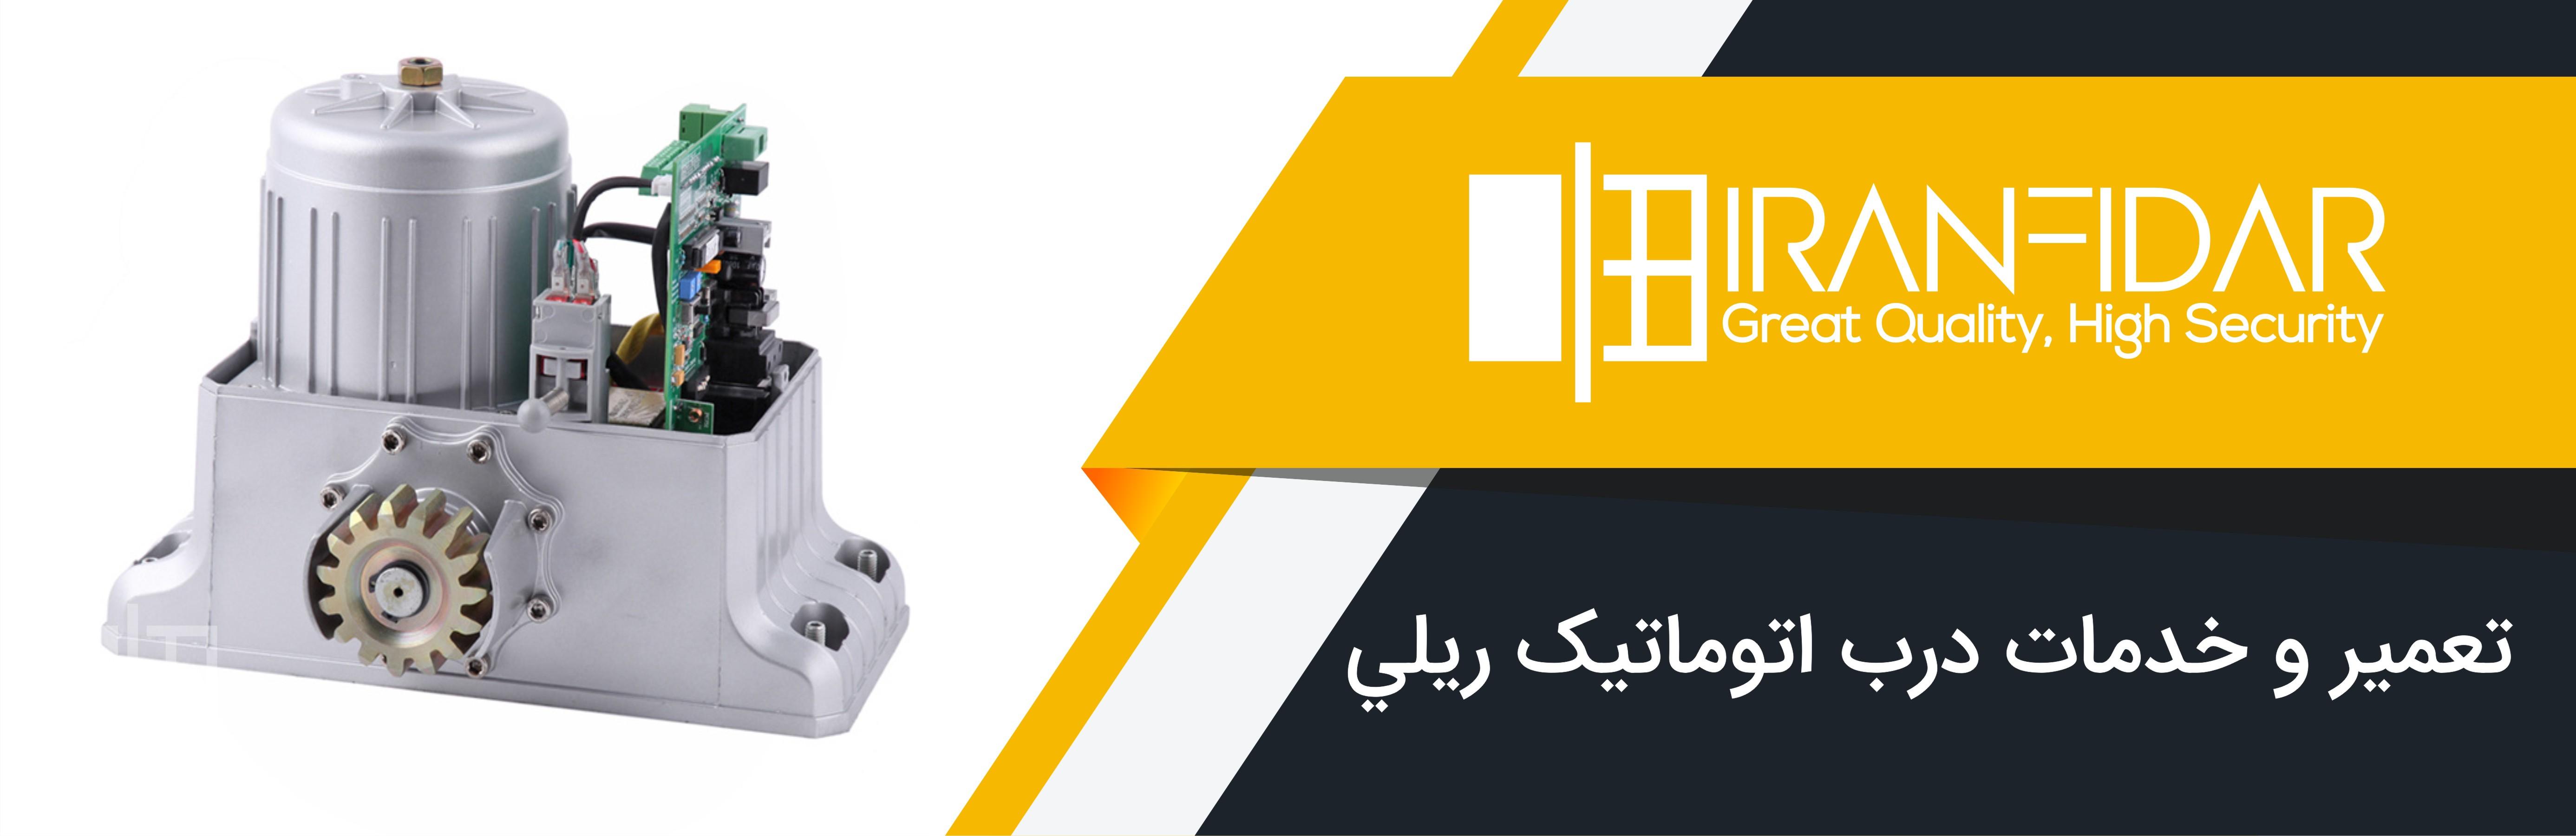 تعمیر جک ریلی پارکینگ - تعمیر در ریلی پارکینگ | ایران فیدار